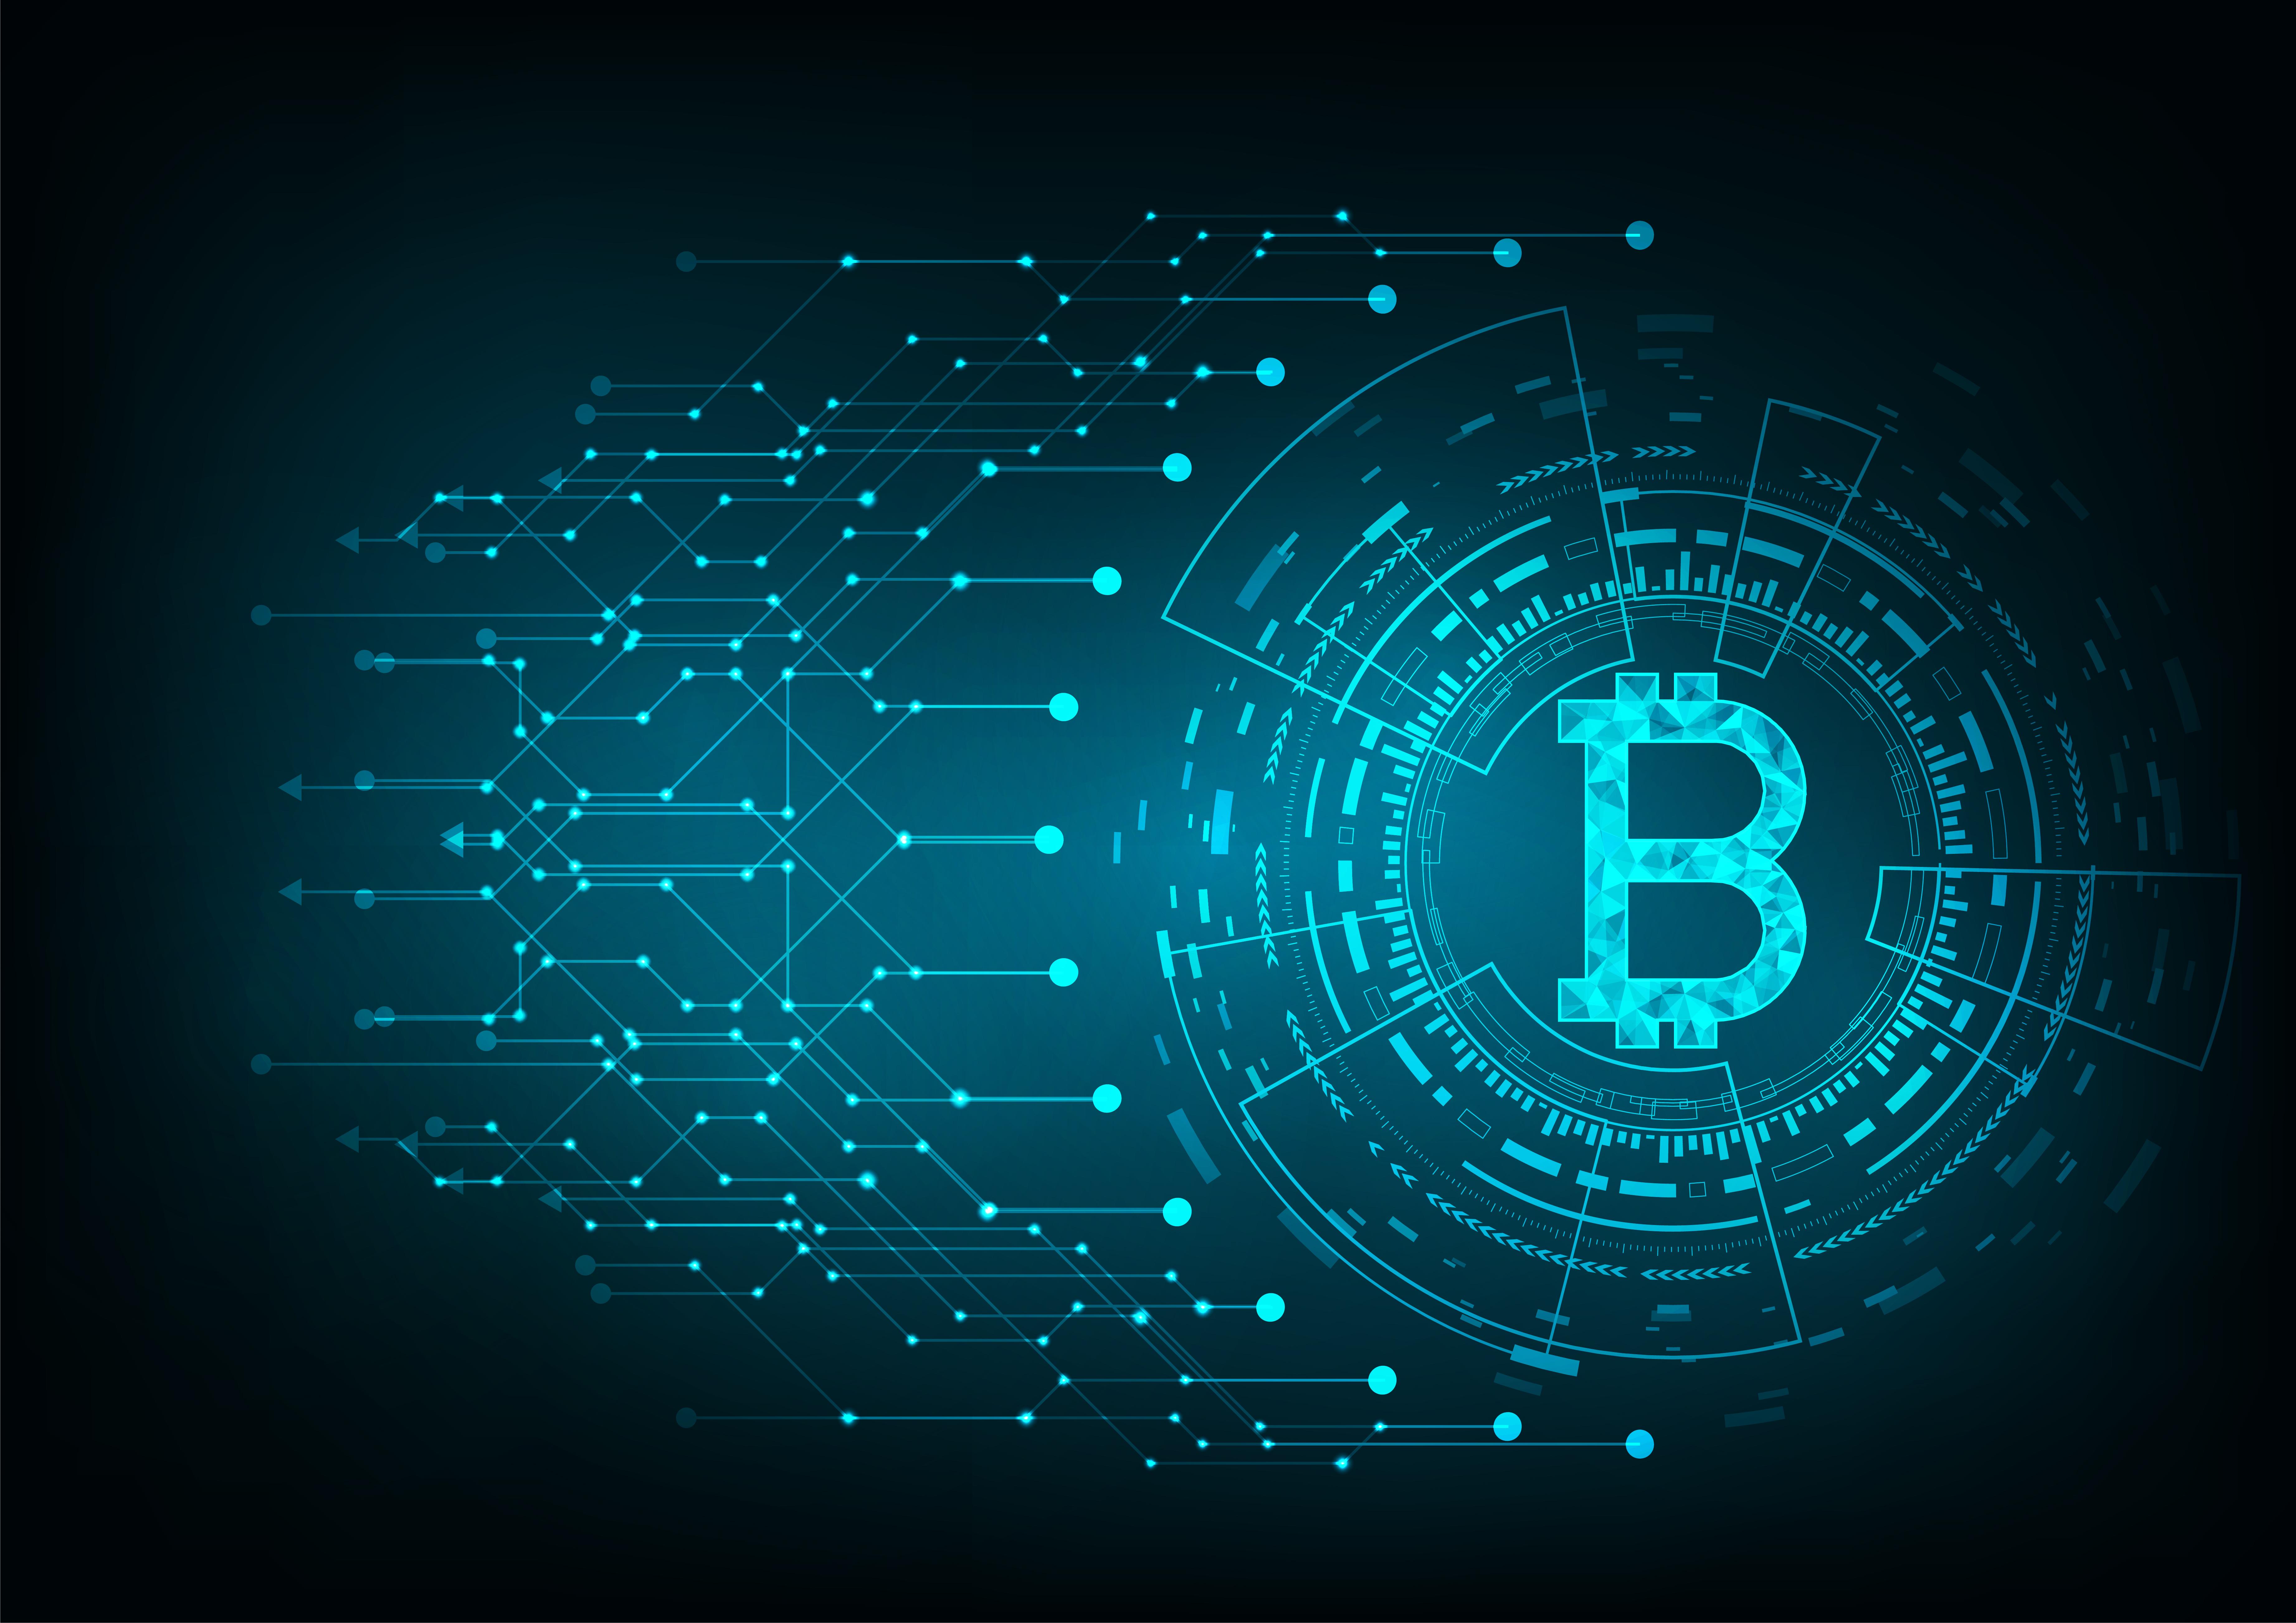 Sfondo Bitcoin Astratto Illustrazione stock - Getty Images